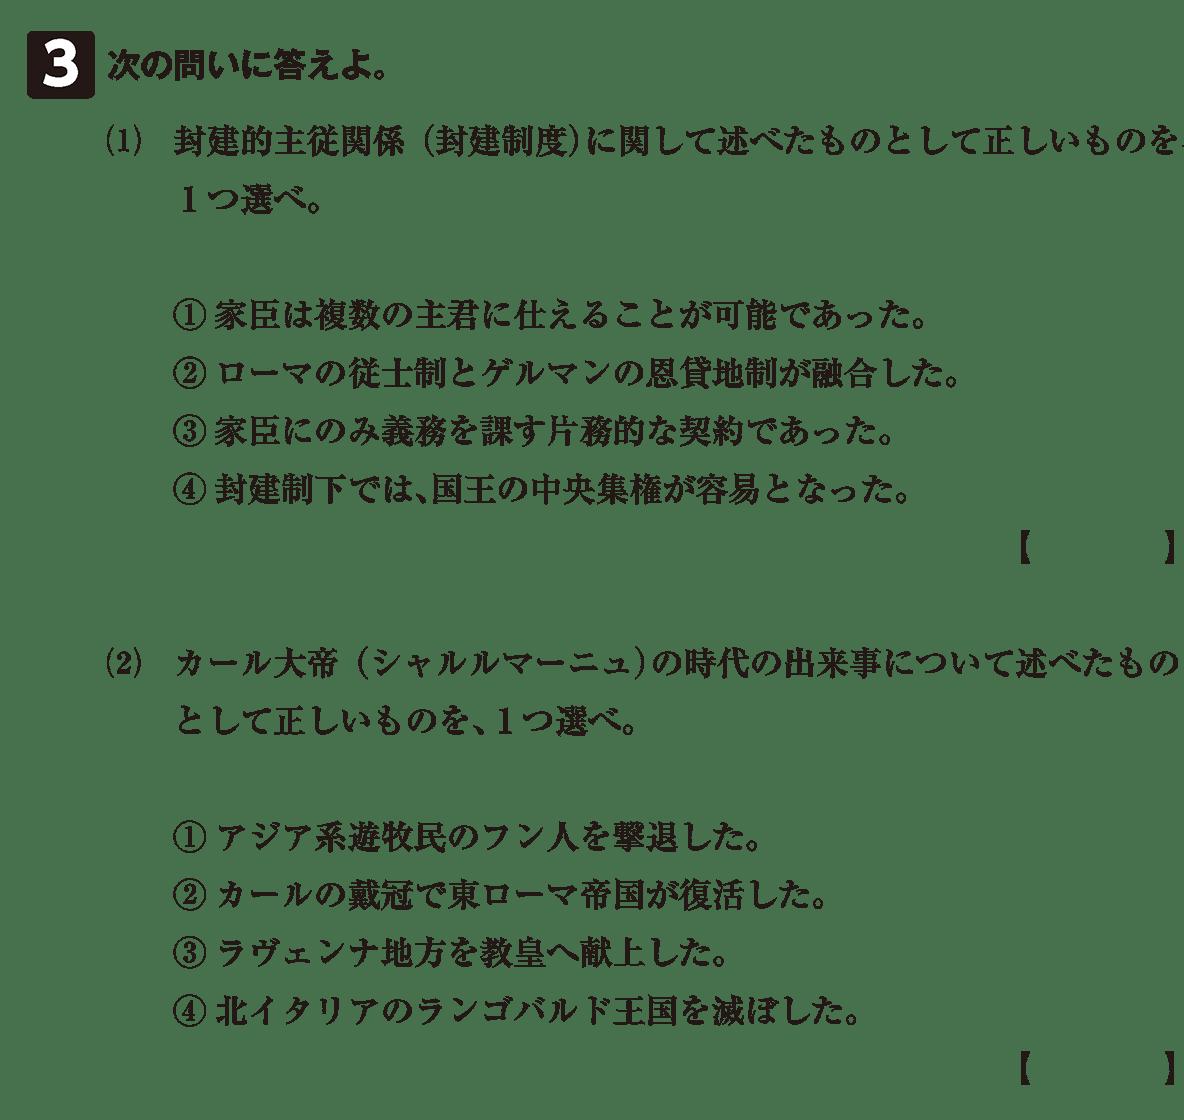 高校世界史 中世ヨーロッパ世界の成立6 確認テスト(後半)問題3